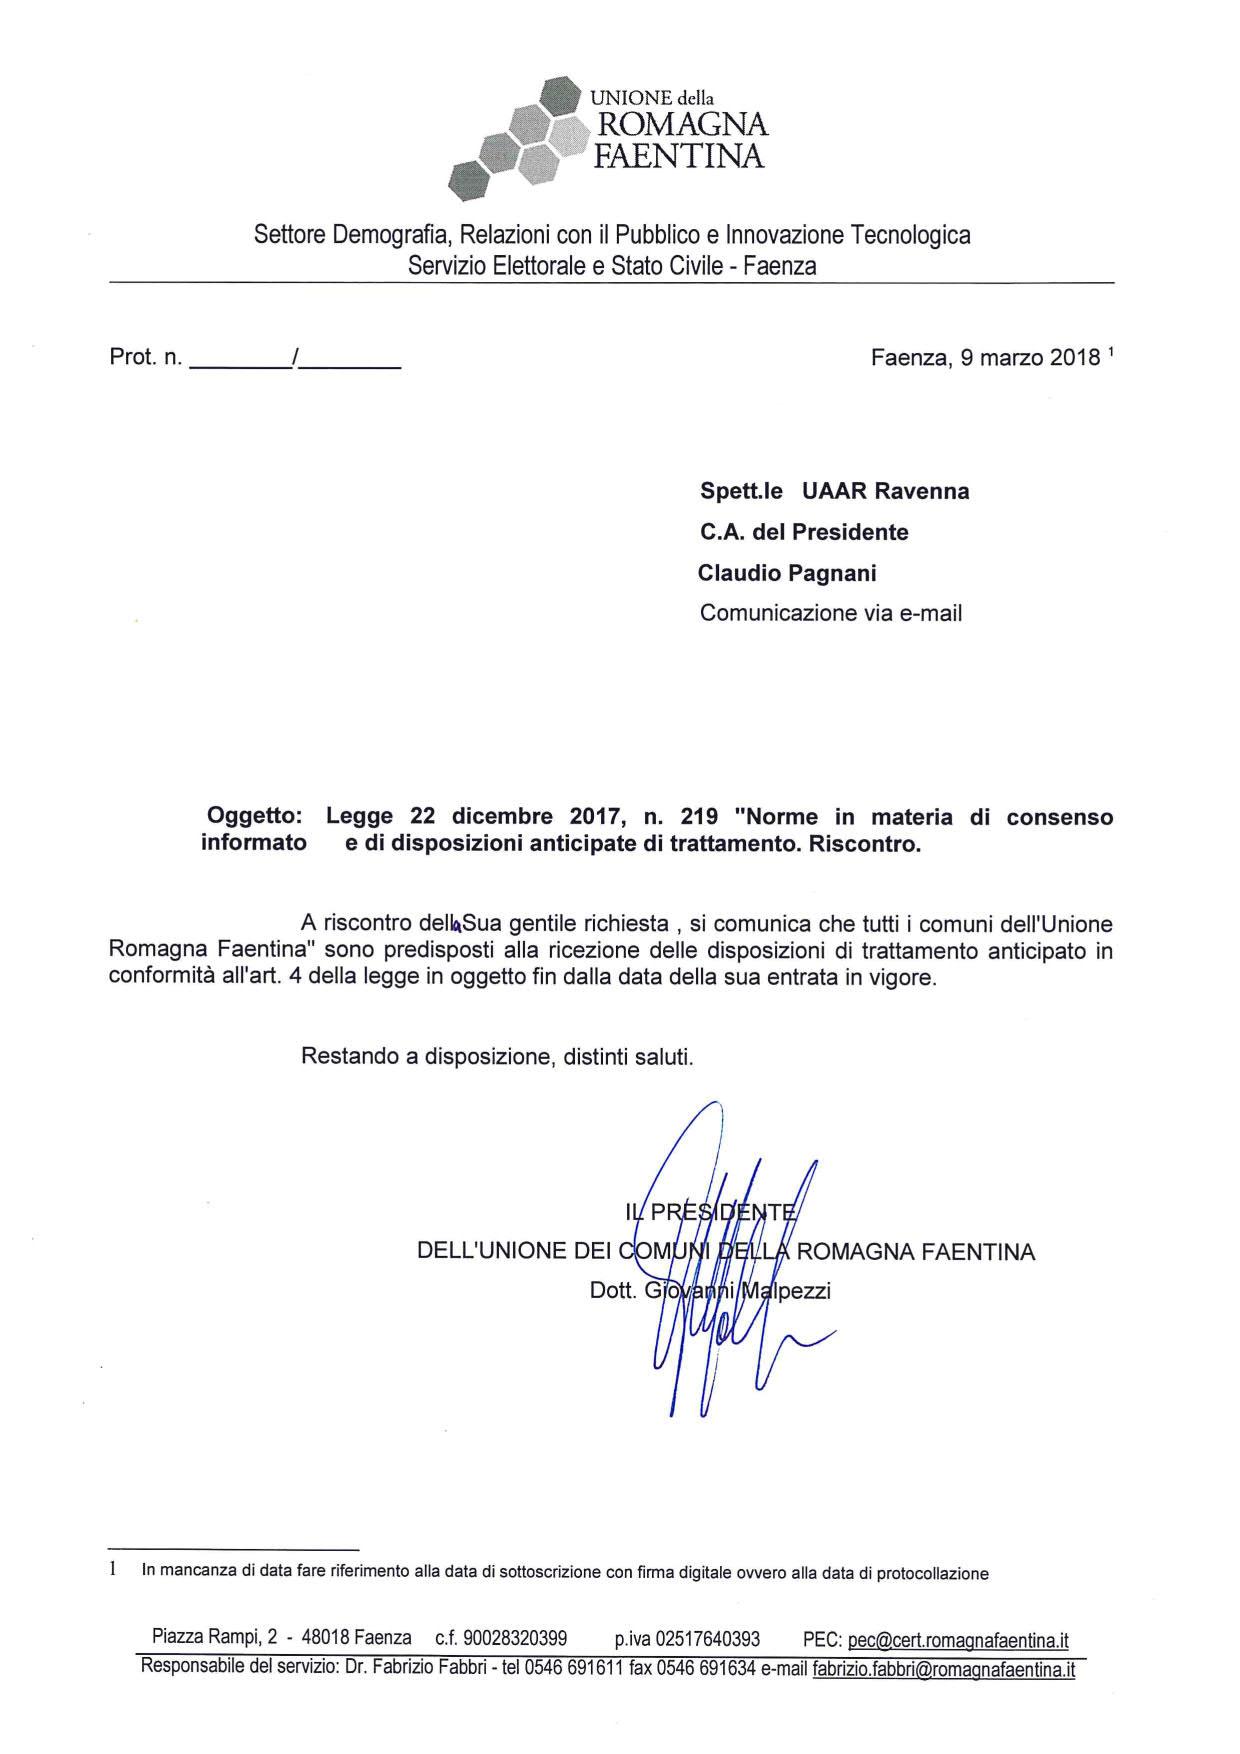 Dat adeguamento legge Unione Comuni Faentina 2018